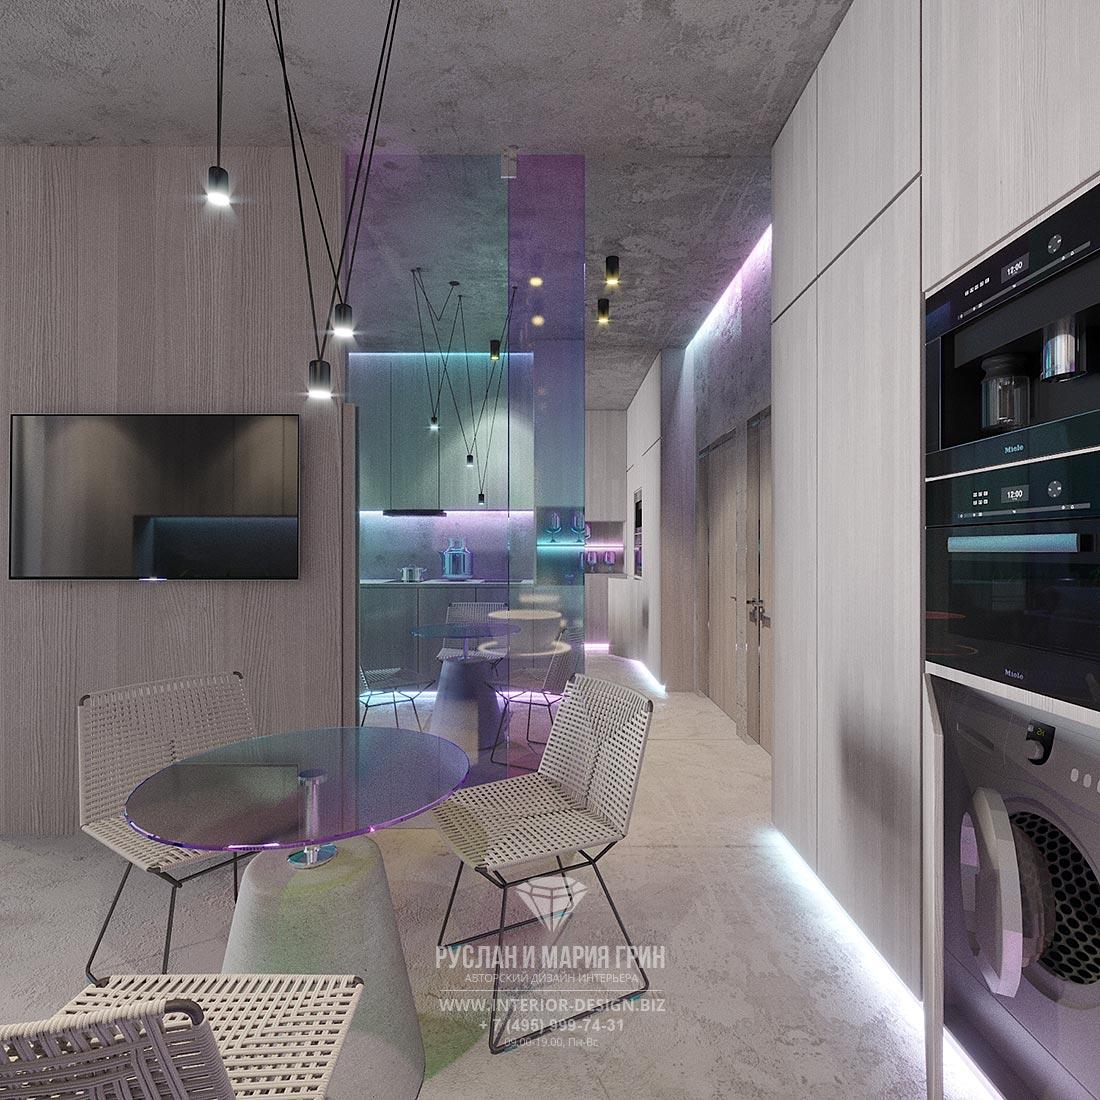 Дизайн интерьера кухни-столовой в маленькой квартире